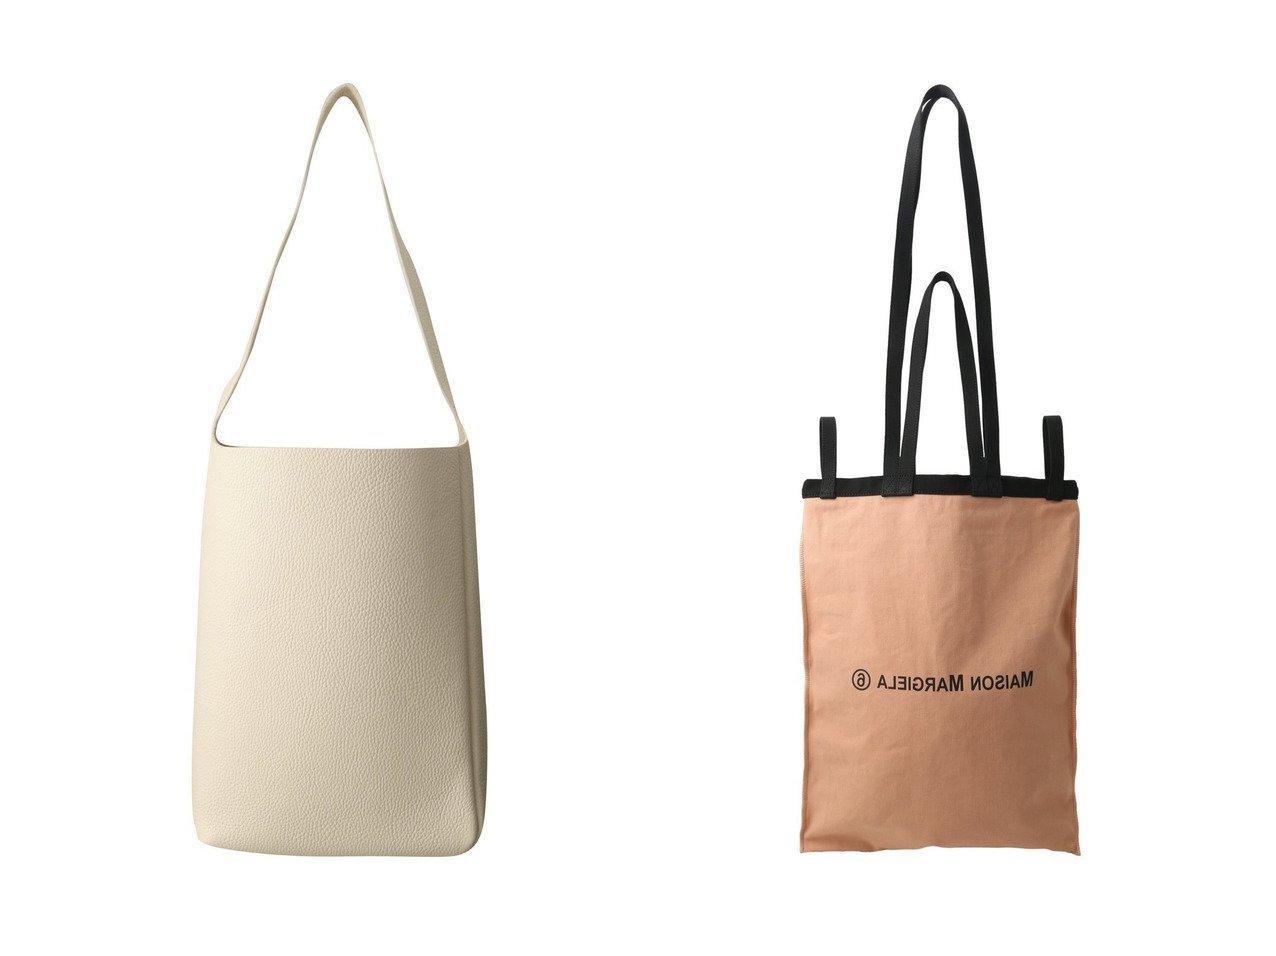 【MM6 Maison Martin Margiela/エムエム6 メゾン マルタン マルジェラ】のロゴキャンバスバッグ/L&【Aeta/アエタ】のショルダーバッグ S バッグのおすすめ!人気、レディースファッションの通販  おすすめで人気のファッション通販商品 インテリア・家具・キッズファッション・メンズファッション・レディースファッション・服の通販 founy(ファニー) https://founy.com/ ファッション Fashion レディース WOMEN シンプル キャンバス ビッグ フォルム |ID:crp329100000000429